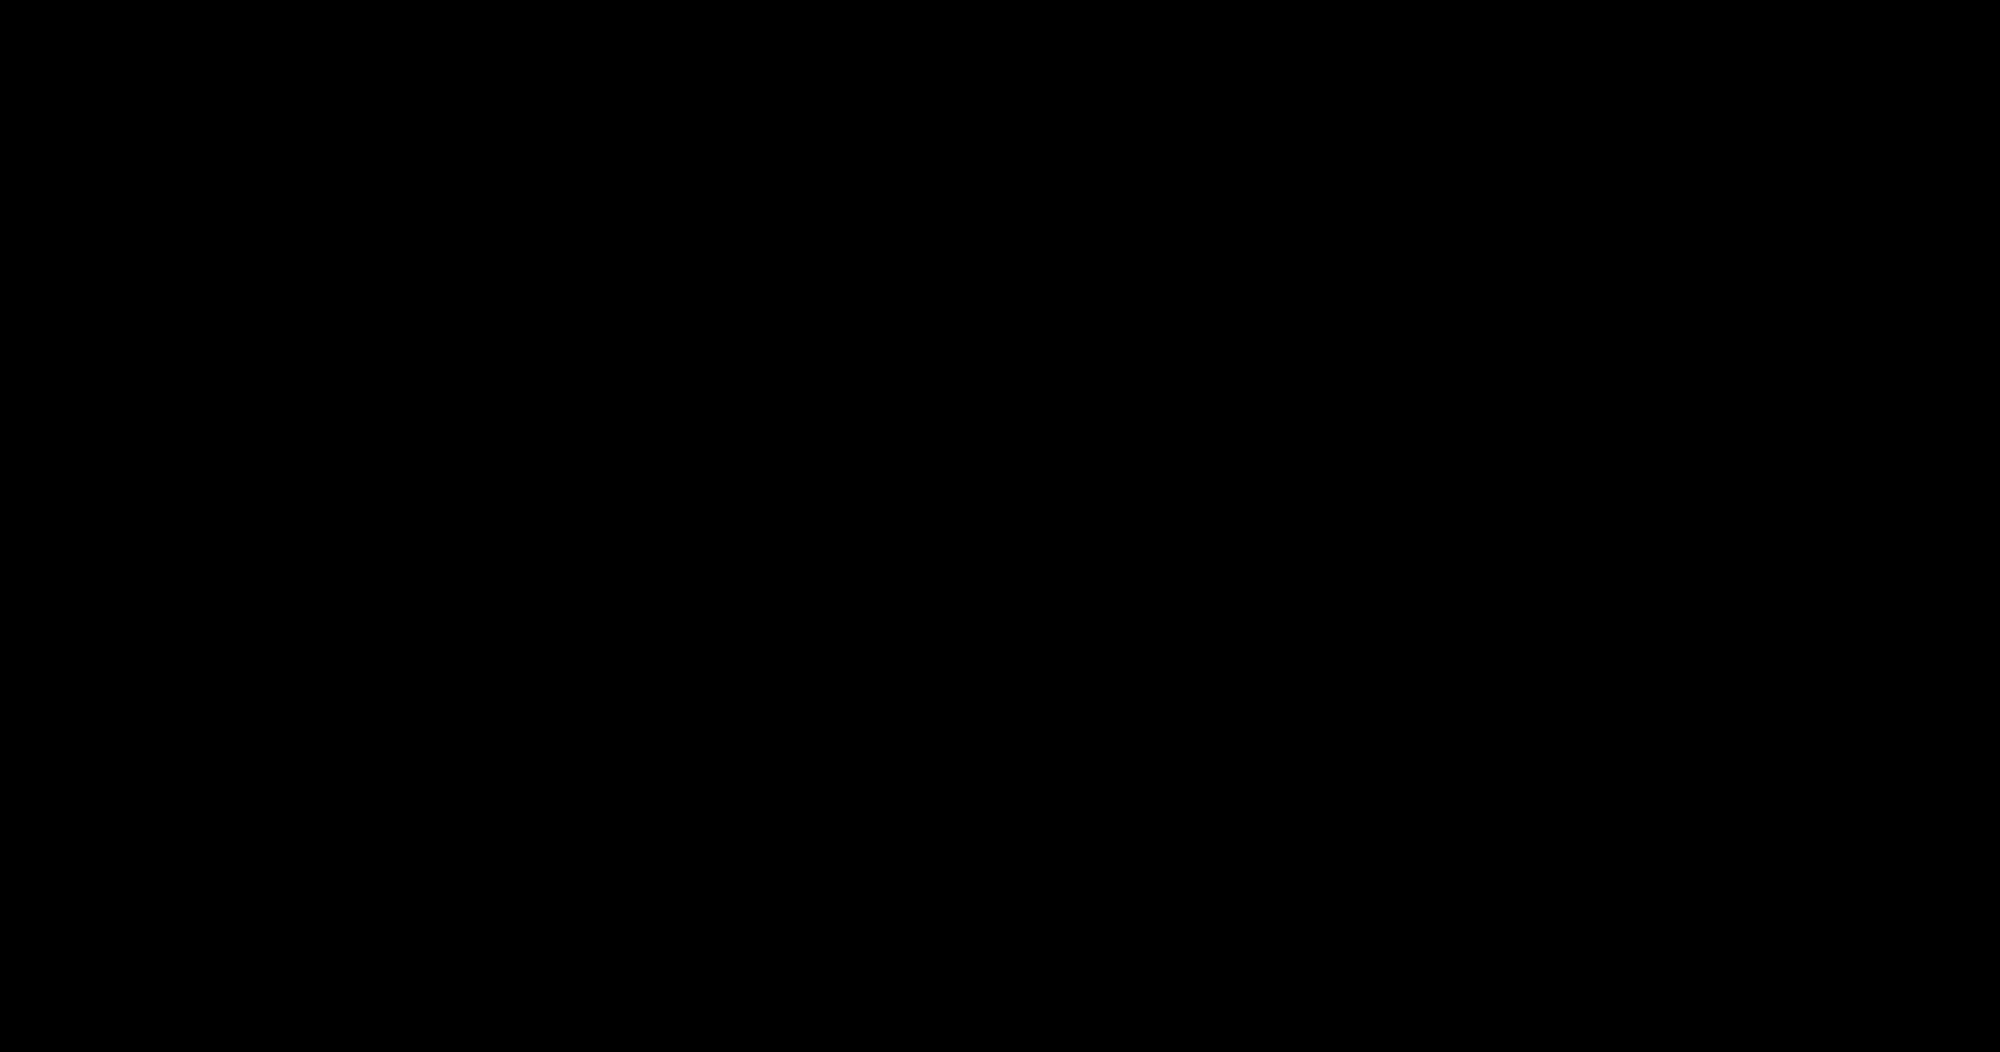 Yoobao B20 V3 พาวเวอร์แบงค์ความจุ 30000mAh พร้อมไฟฉายระบบสัมผัส